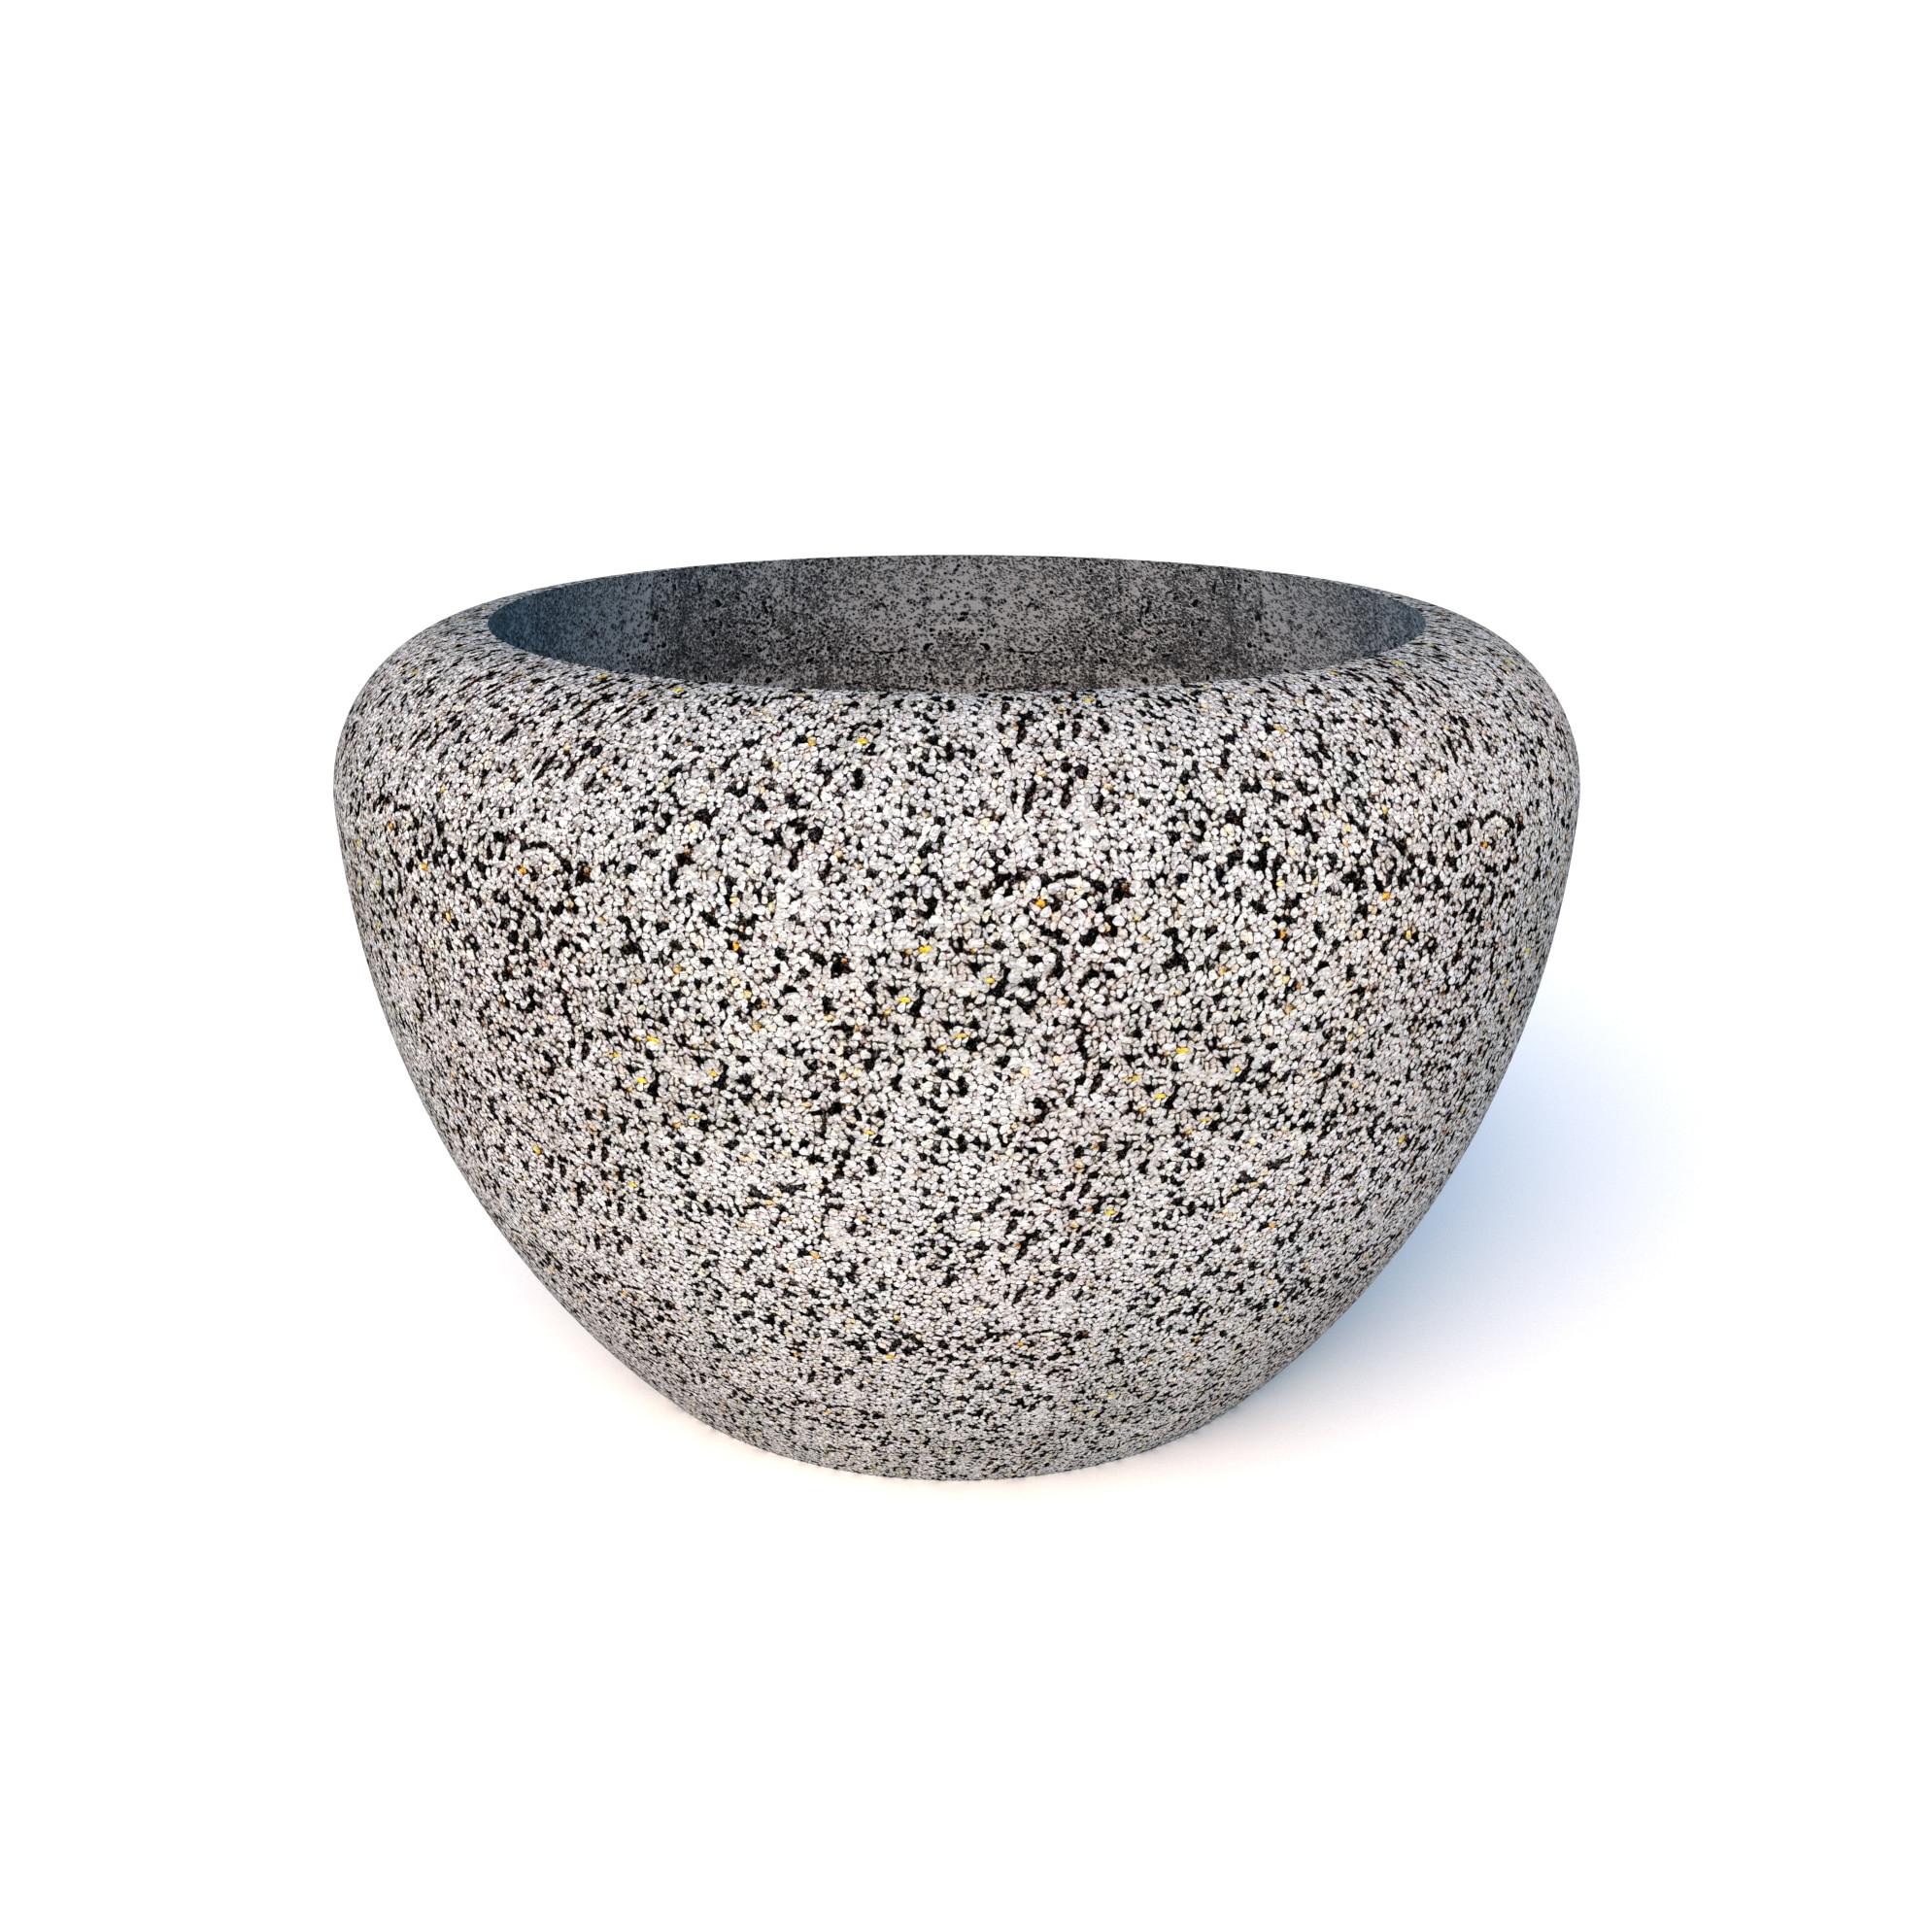 Бетон луна блоки керамзитобетон размер